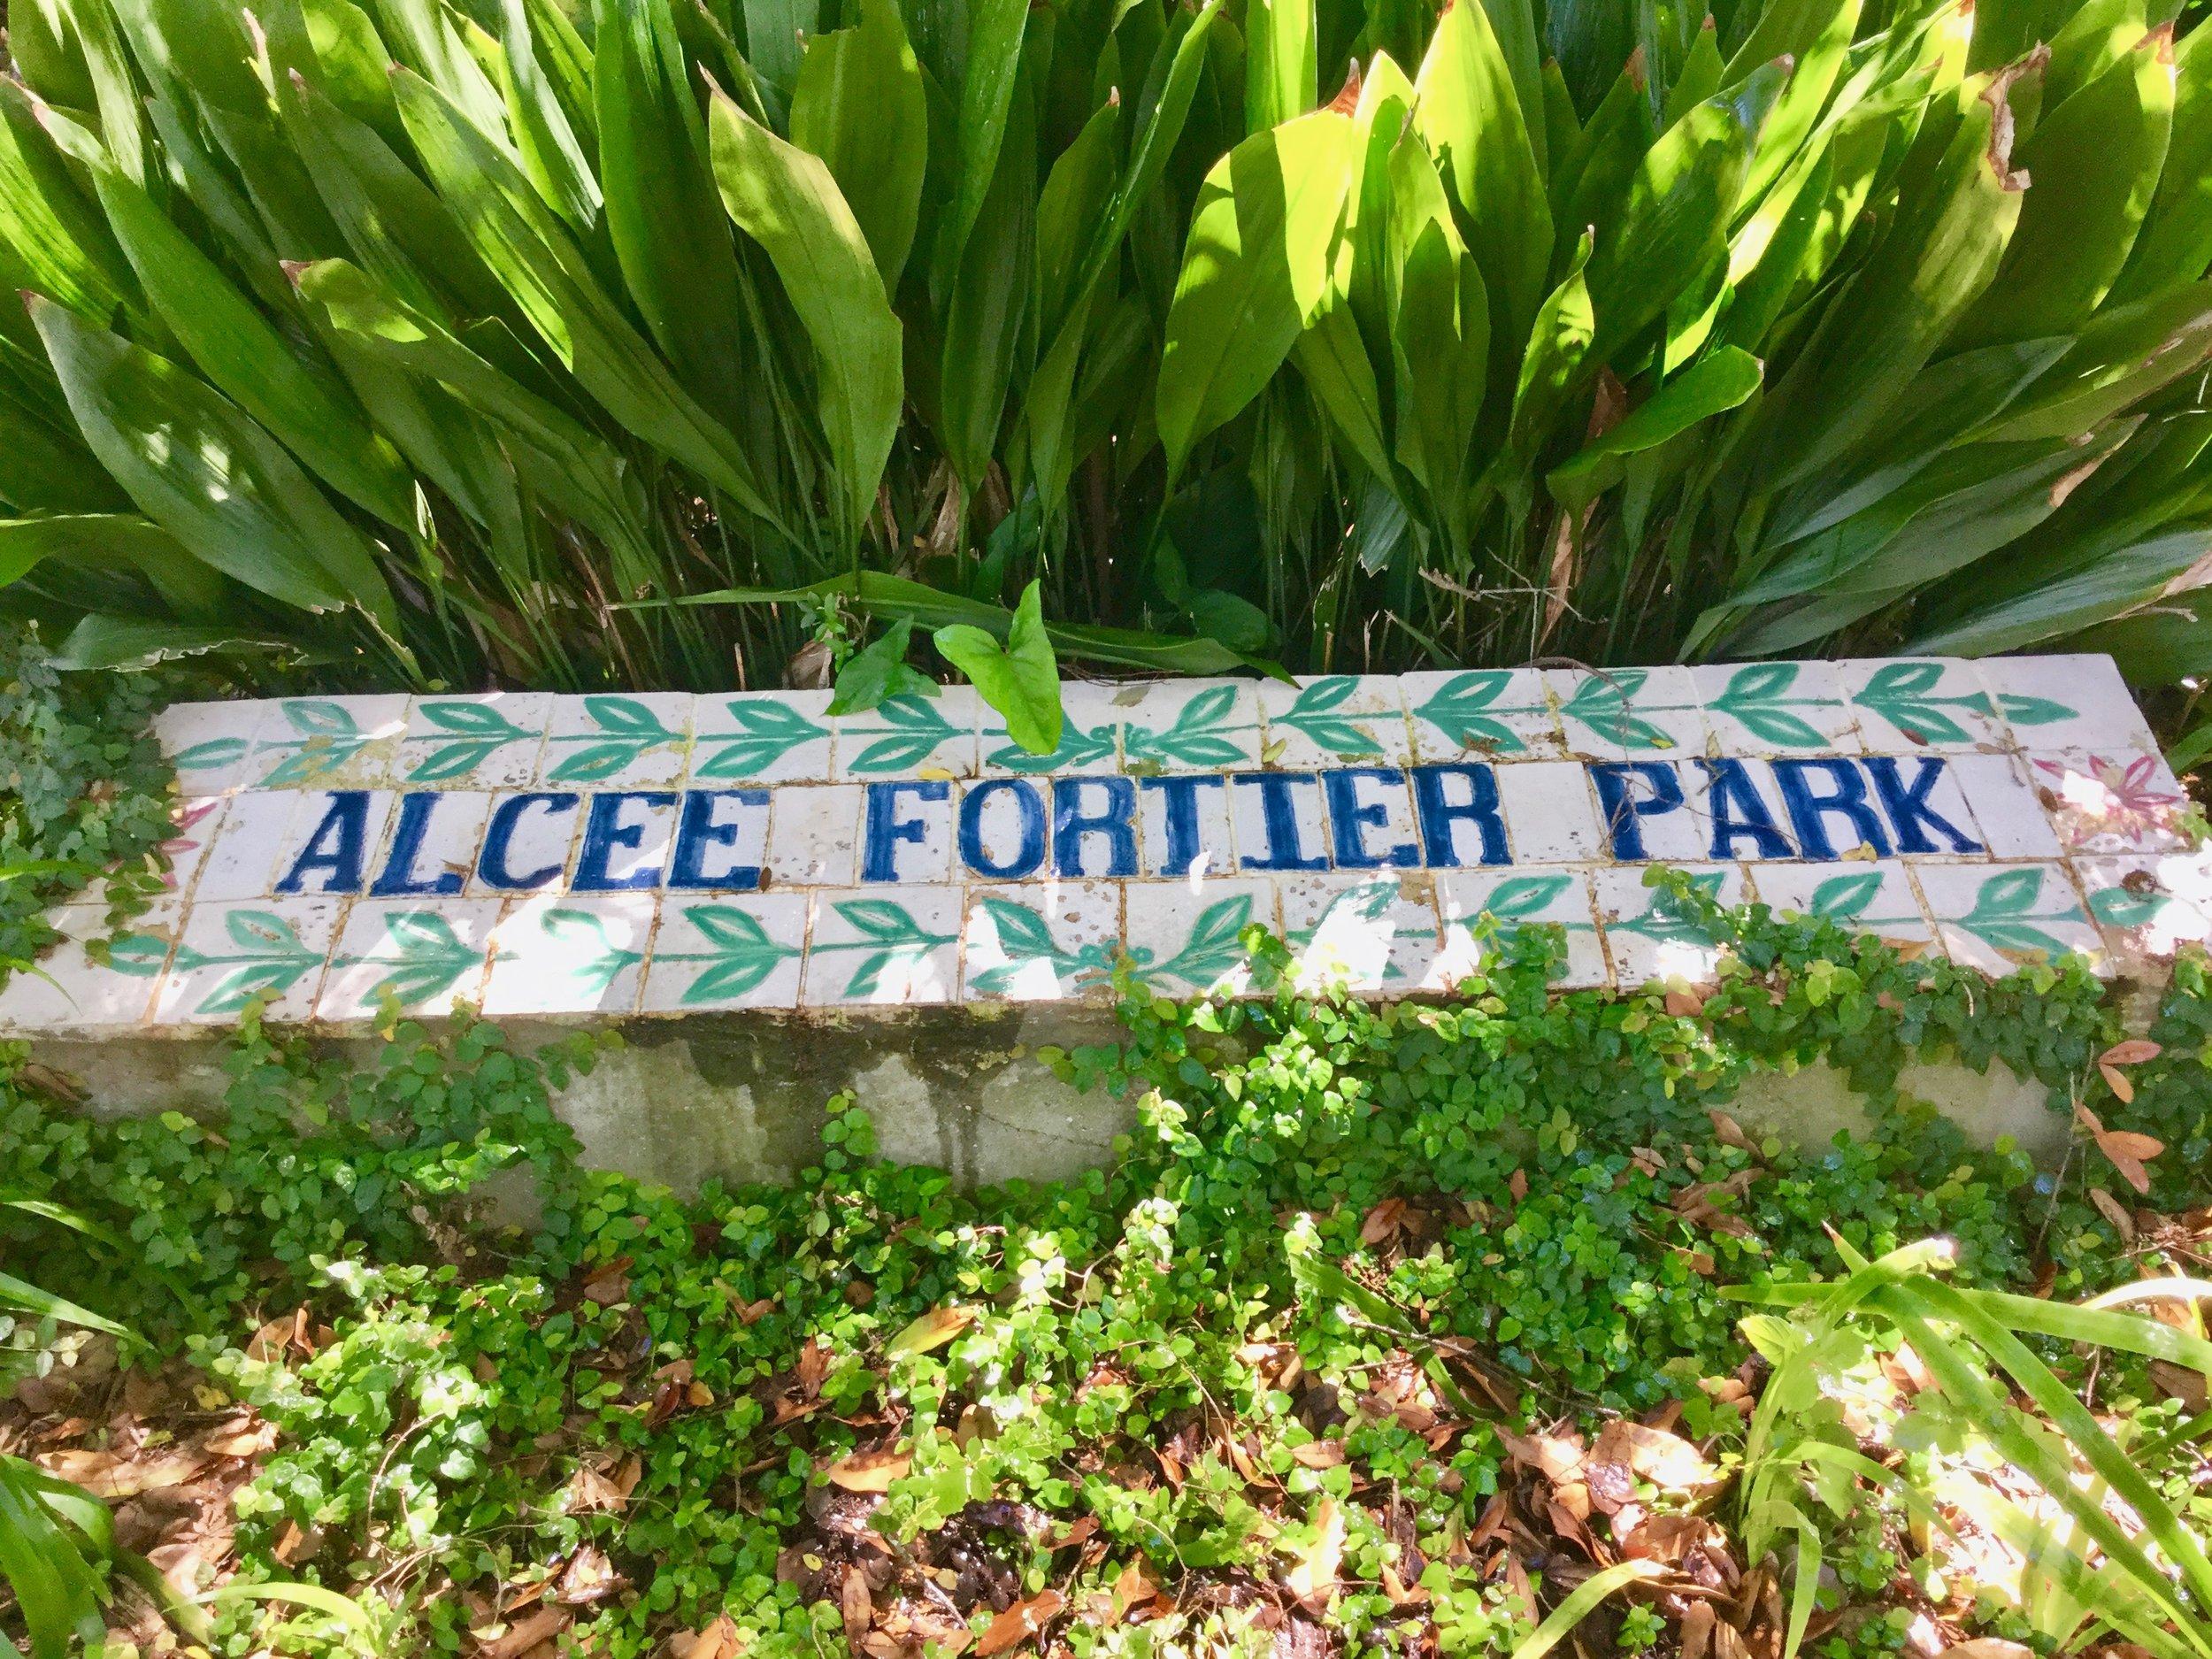 Alcee Fortier Park sign on Esplanade Avenue, New Orleans, LA